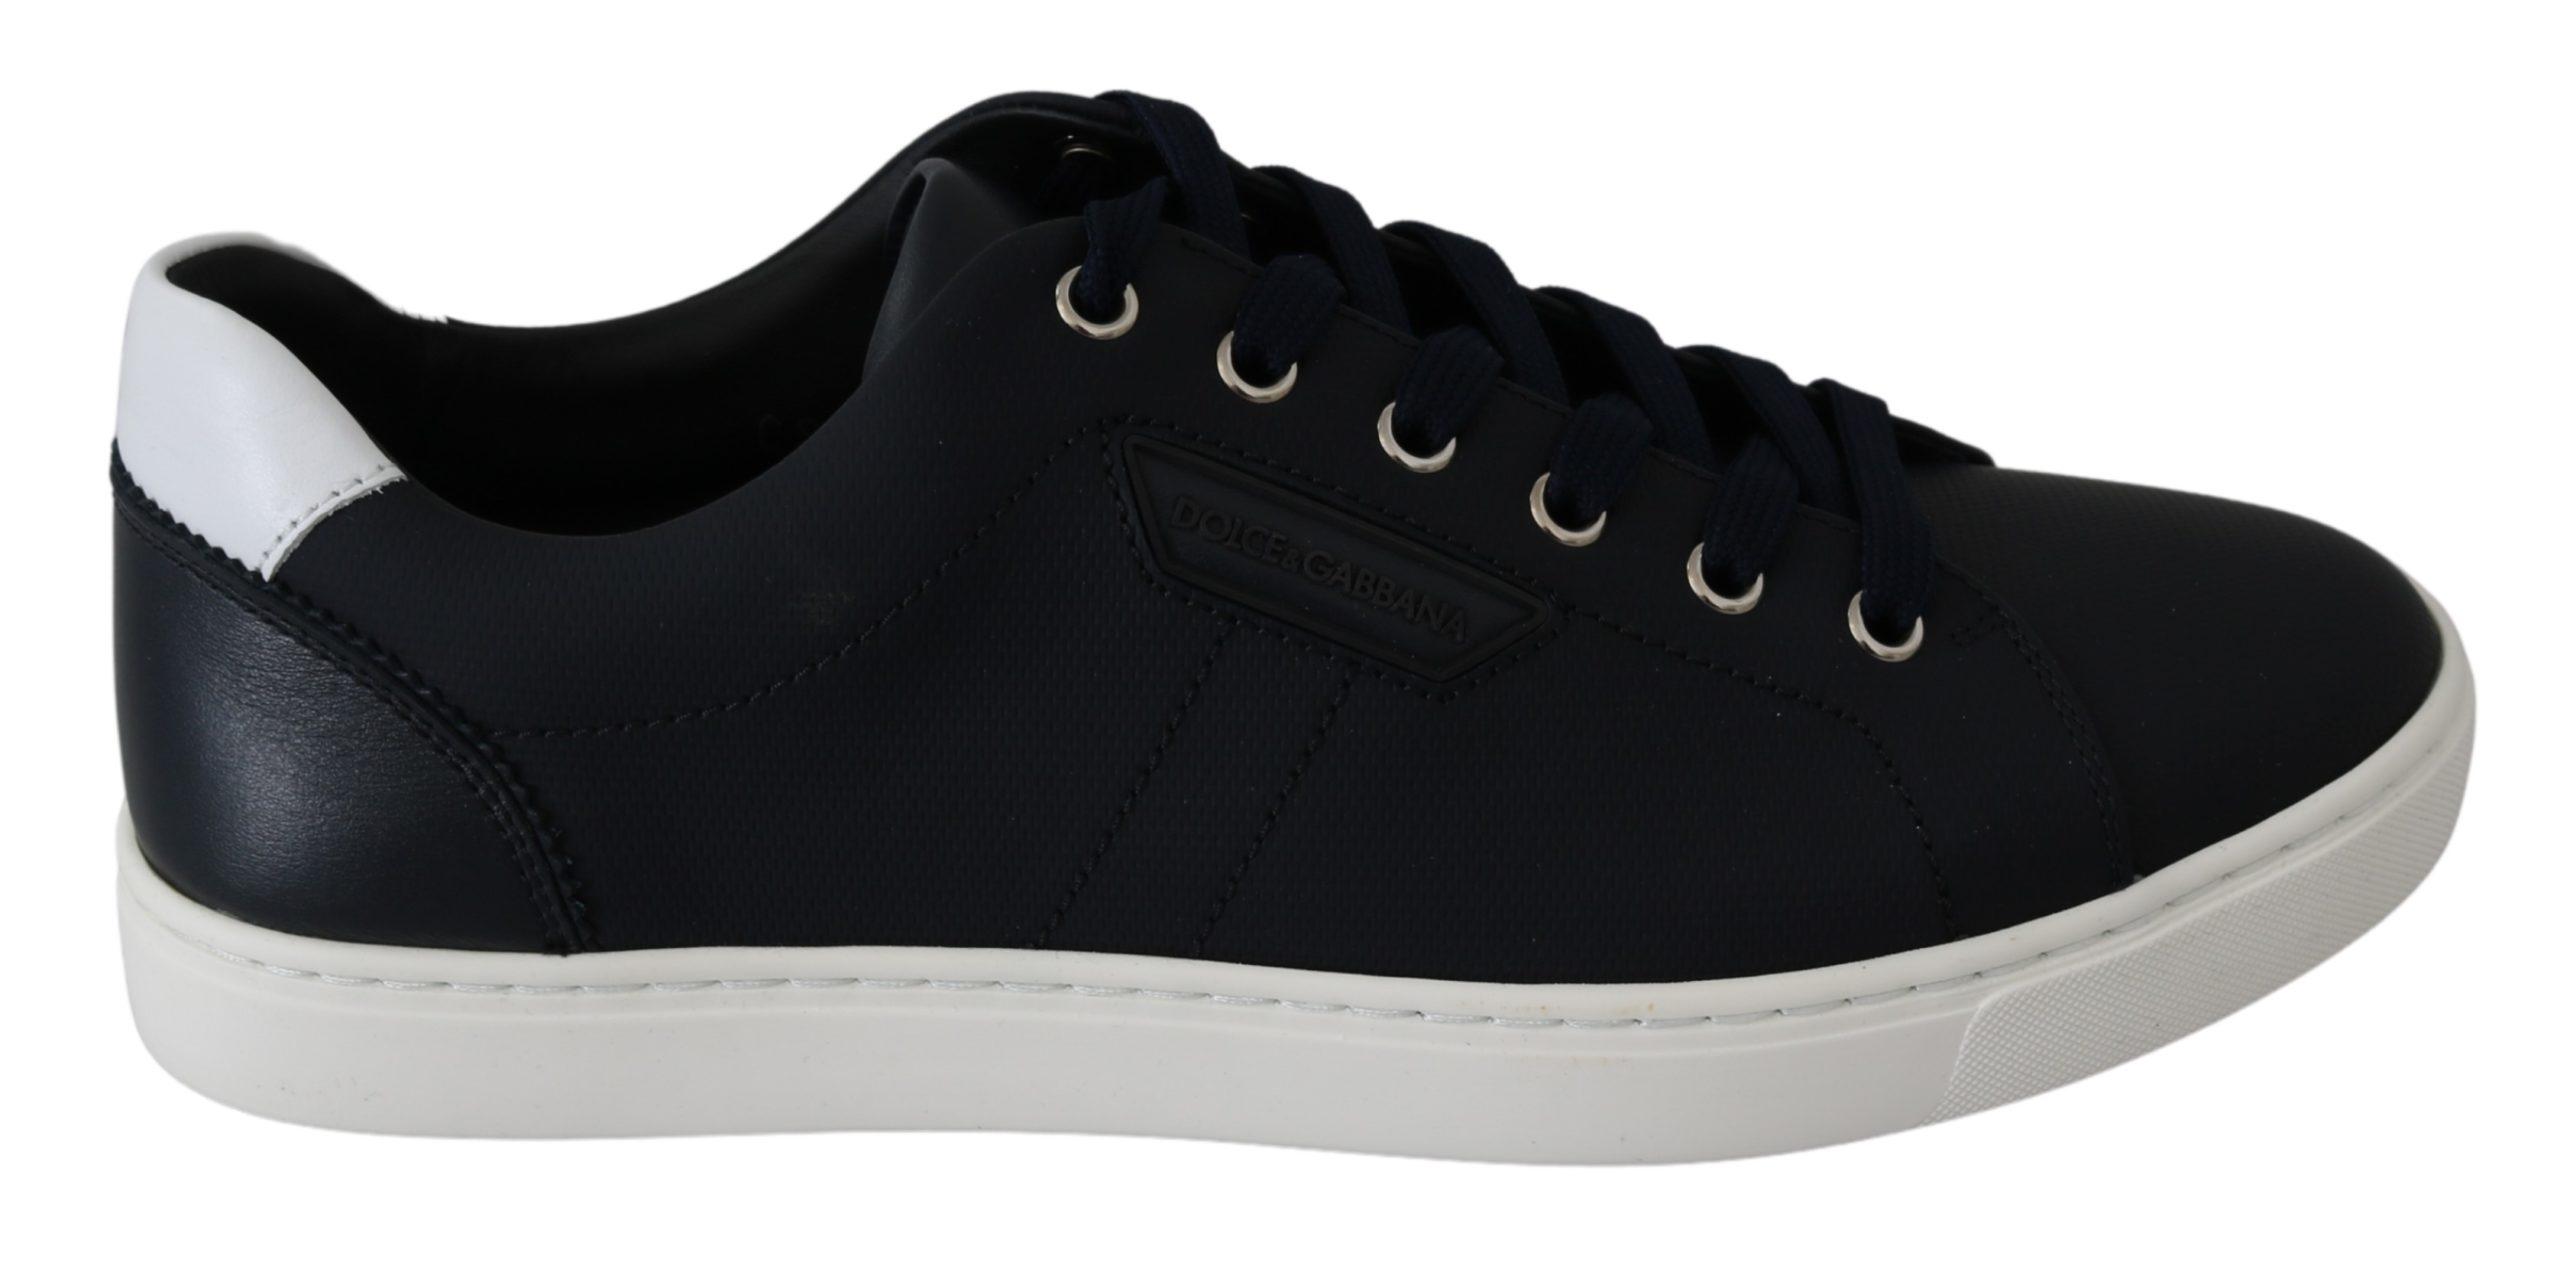 Dolce & Gabbana Men's Leather DG Logo Shoes Trainer Blue MV2655 - EU40.5/US7.5